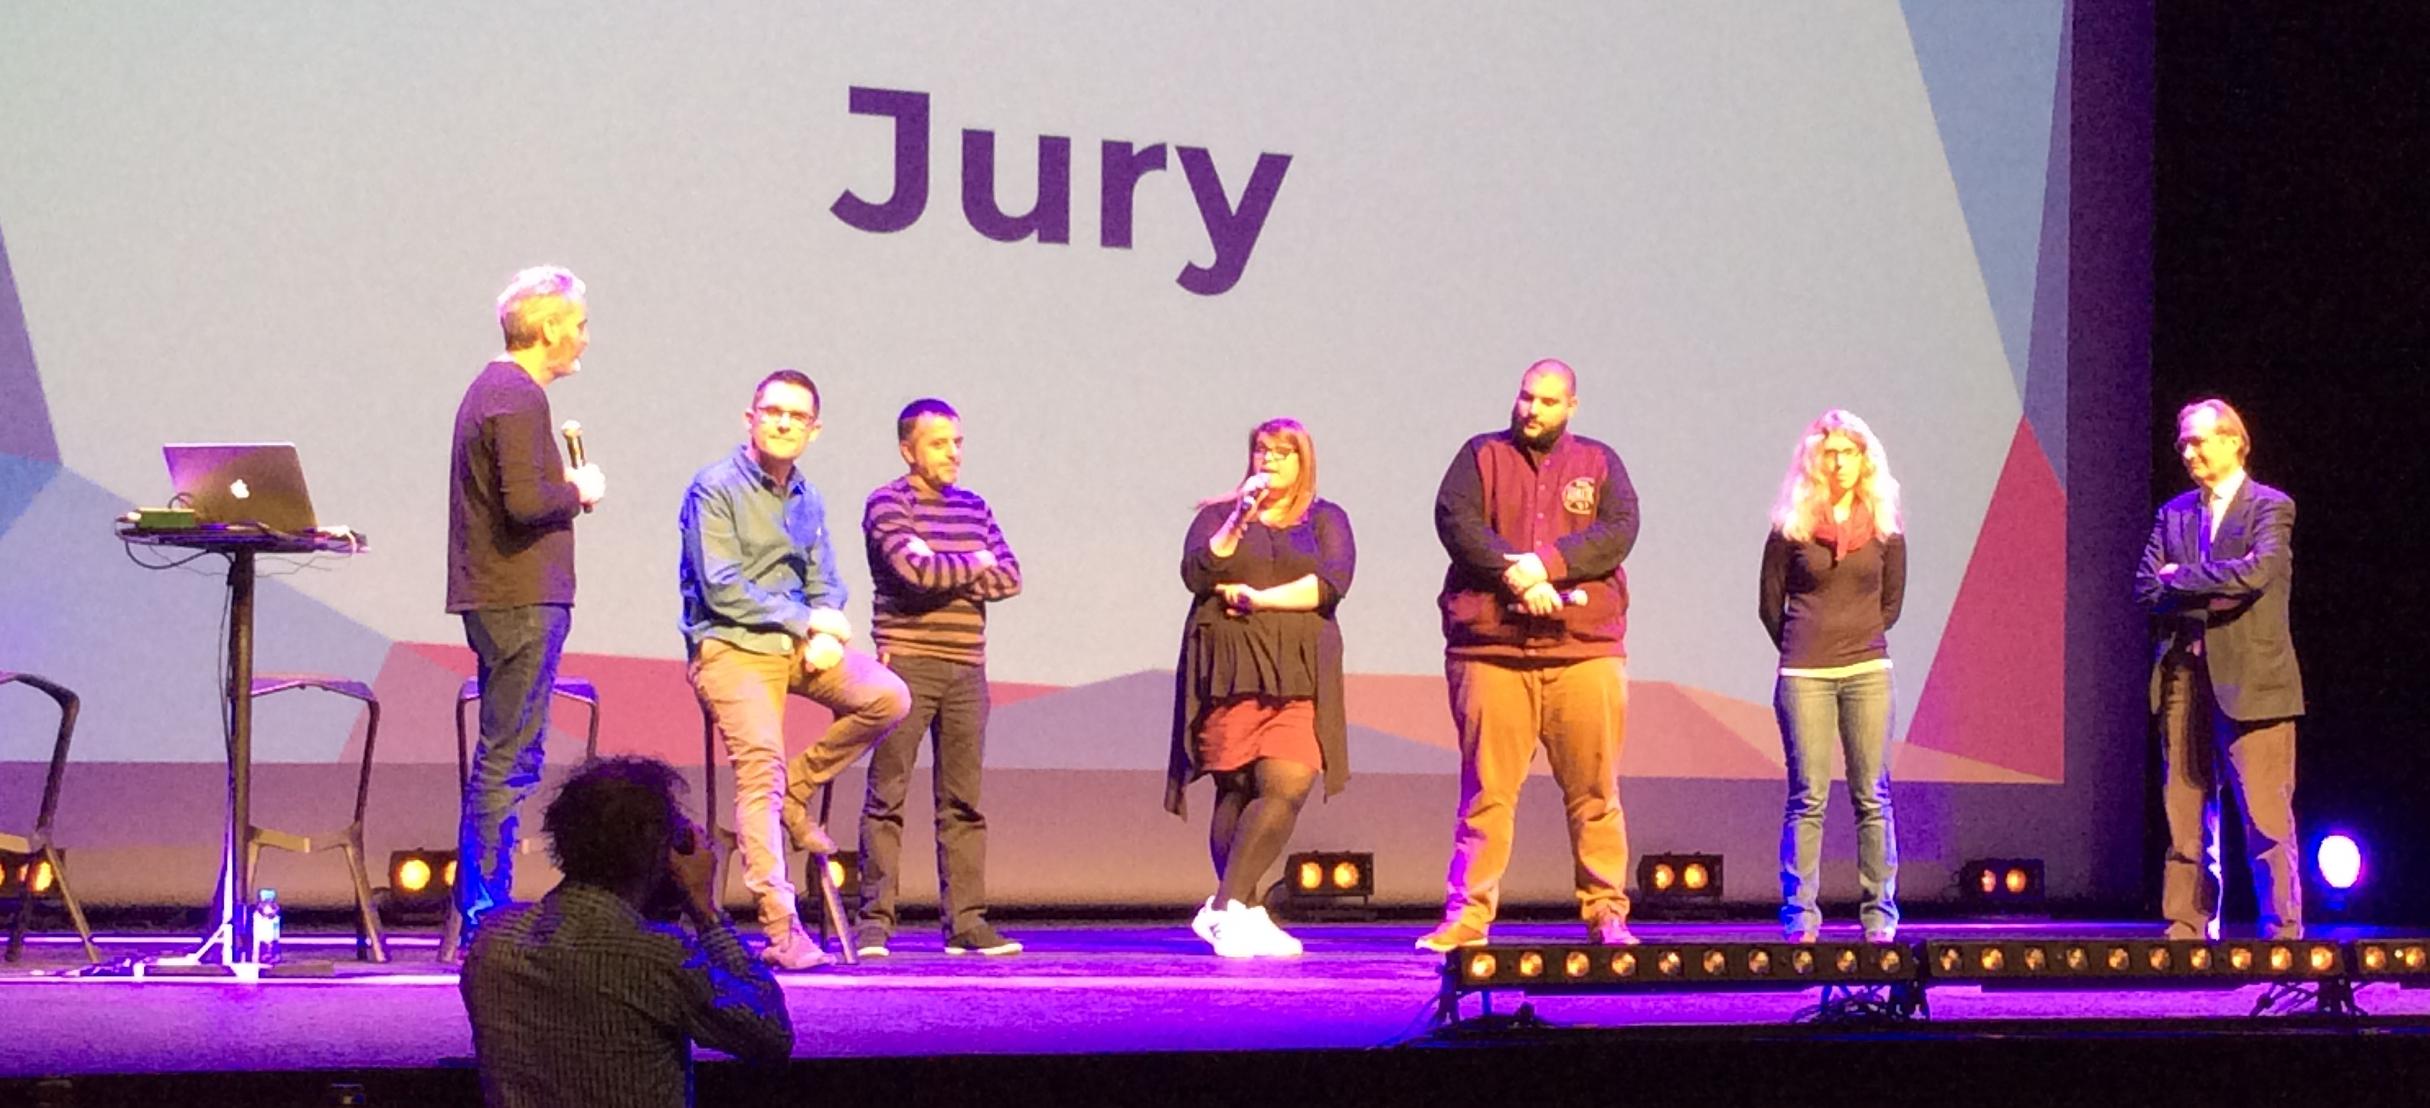 jury hyblab